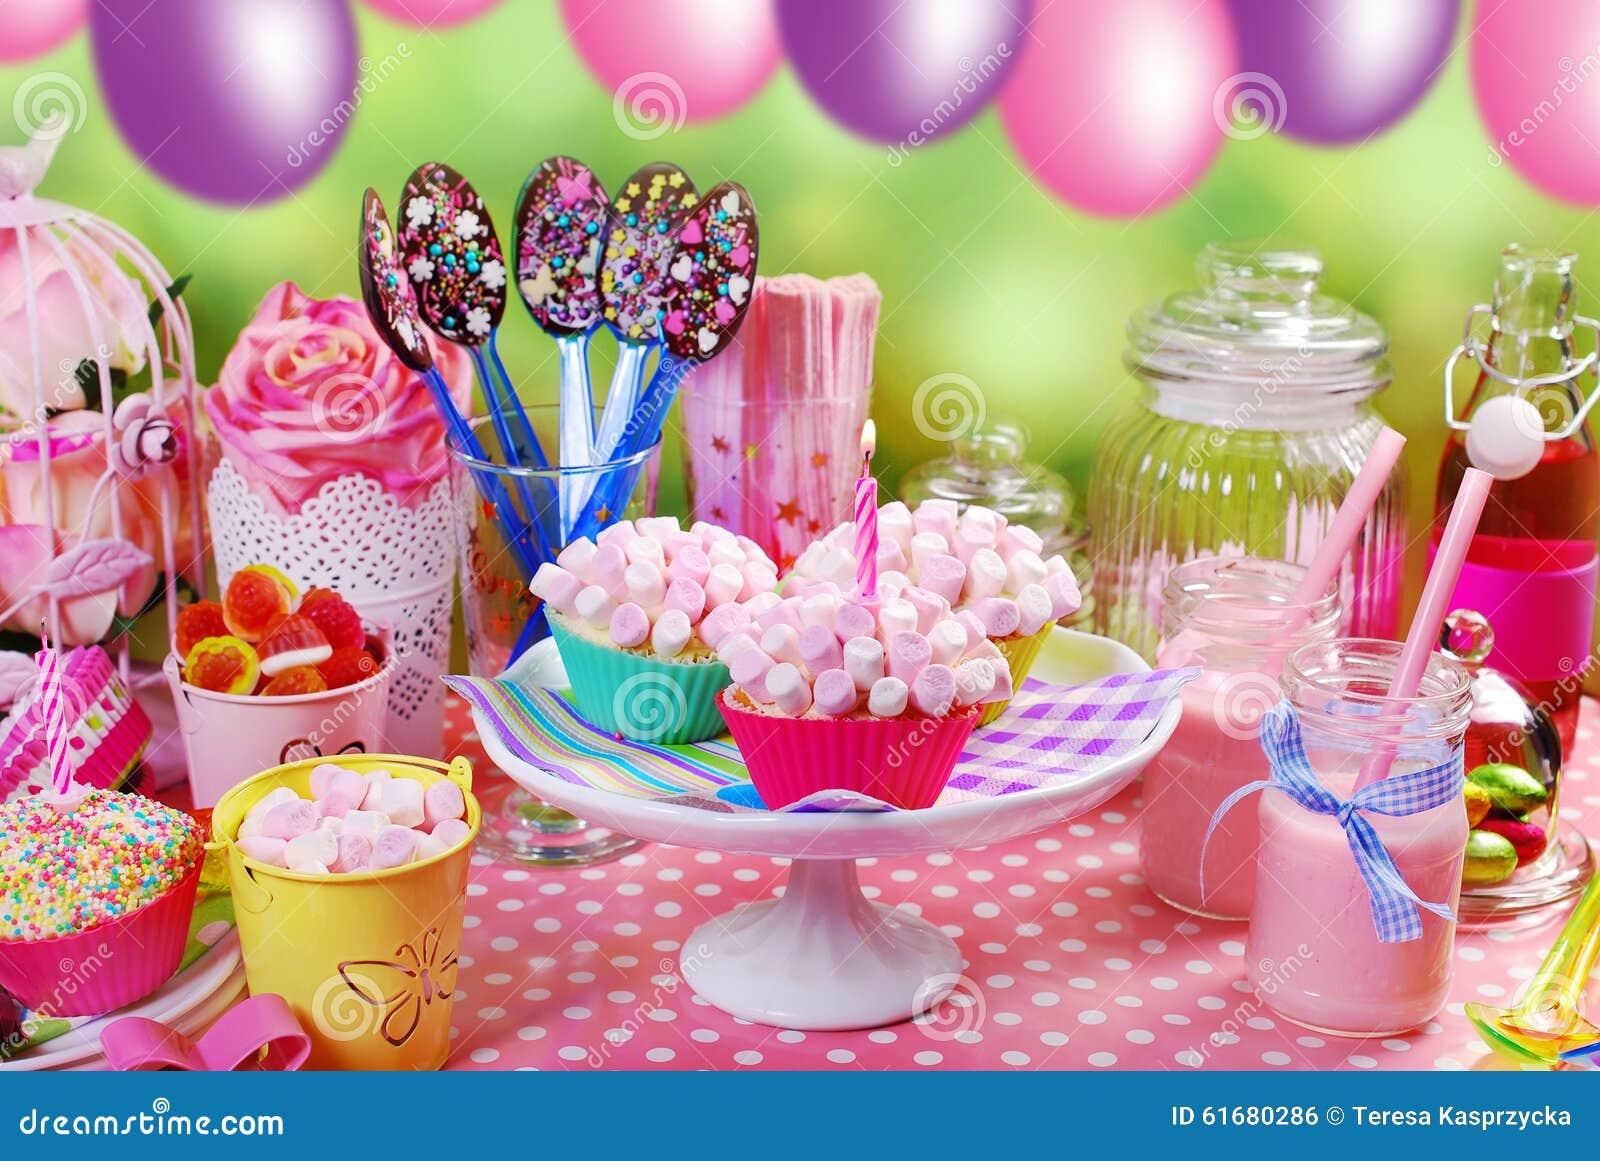 Tavolo Compleanno Bambini : Tavola della festa di compleanno per i bambini fotografia stock